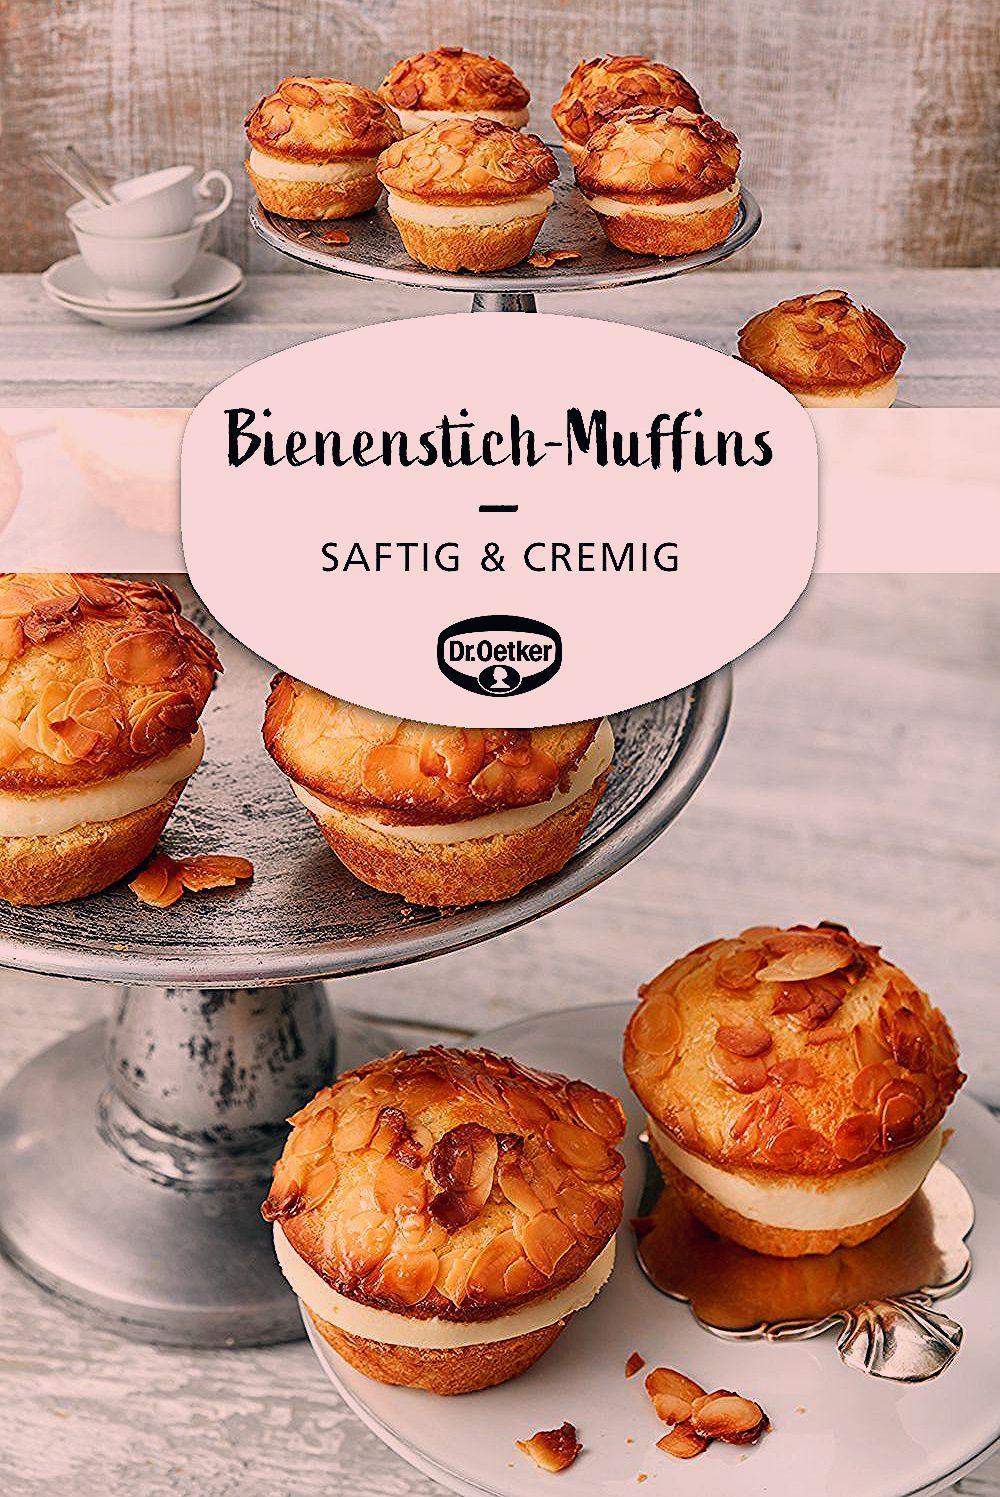 Photo of Bienenstich-Muffins